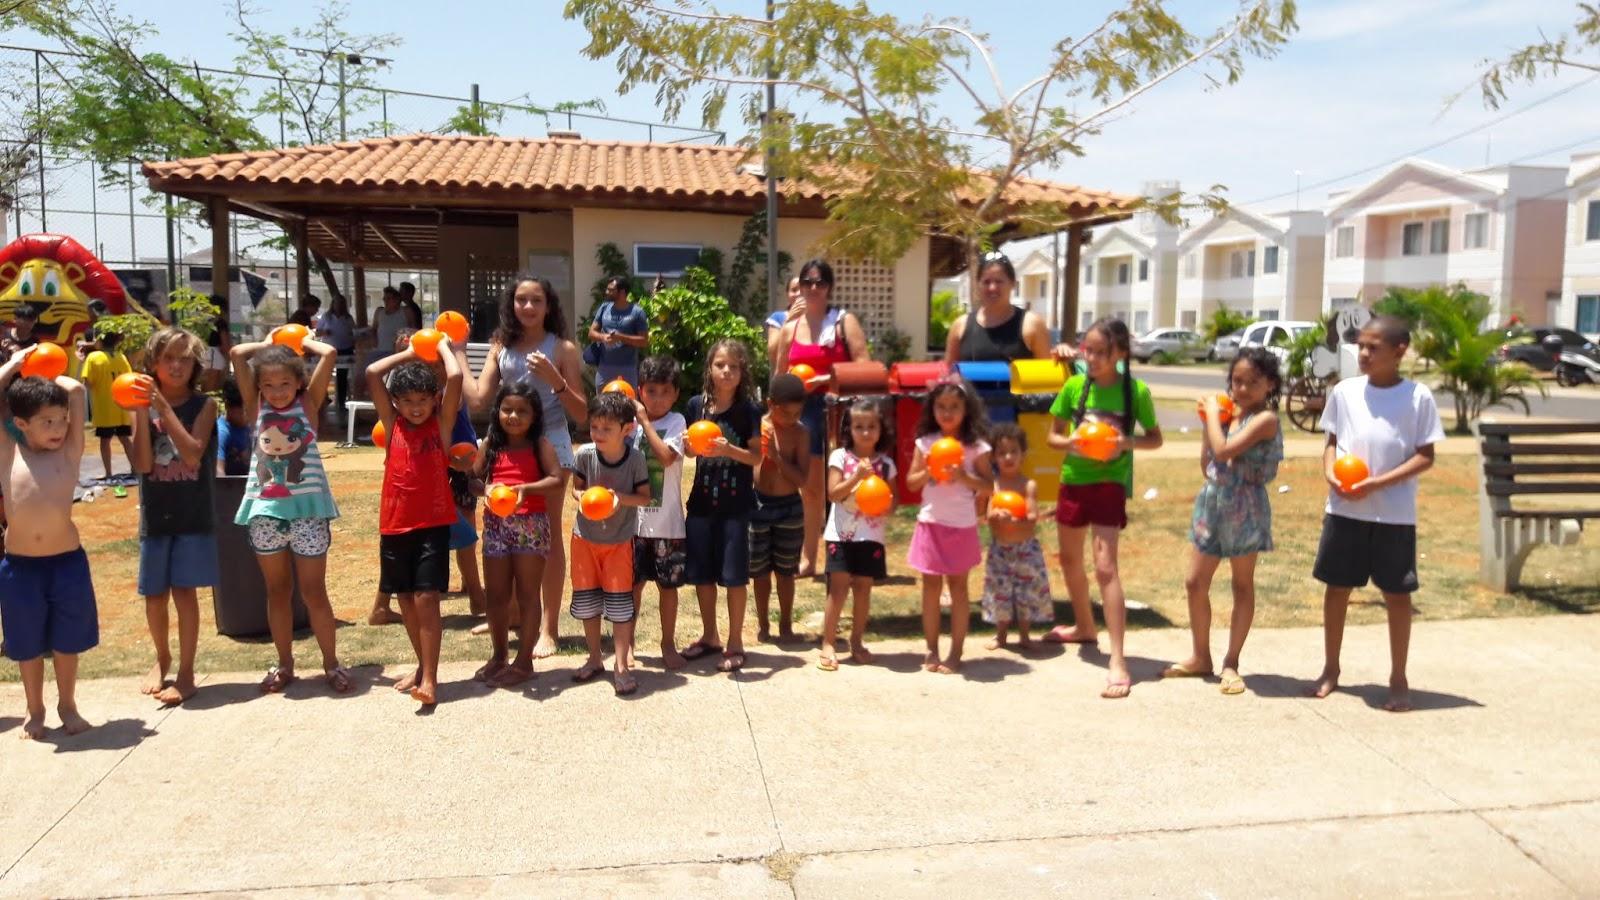 20181012 112549 - 12 de outubro teve festa para as crianças no Jardins Mangueiral